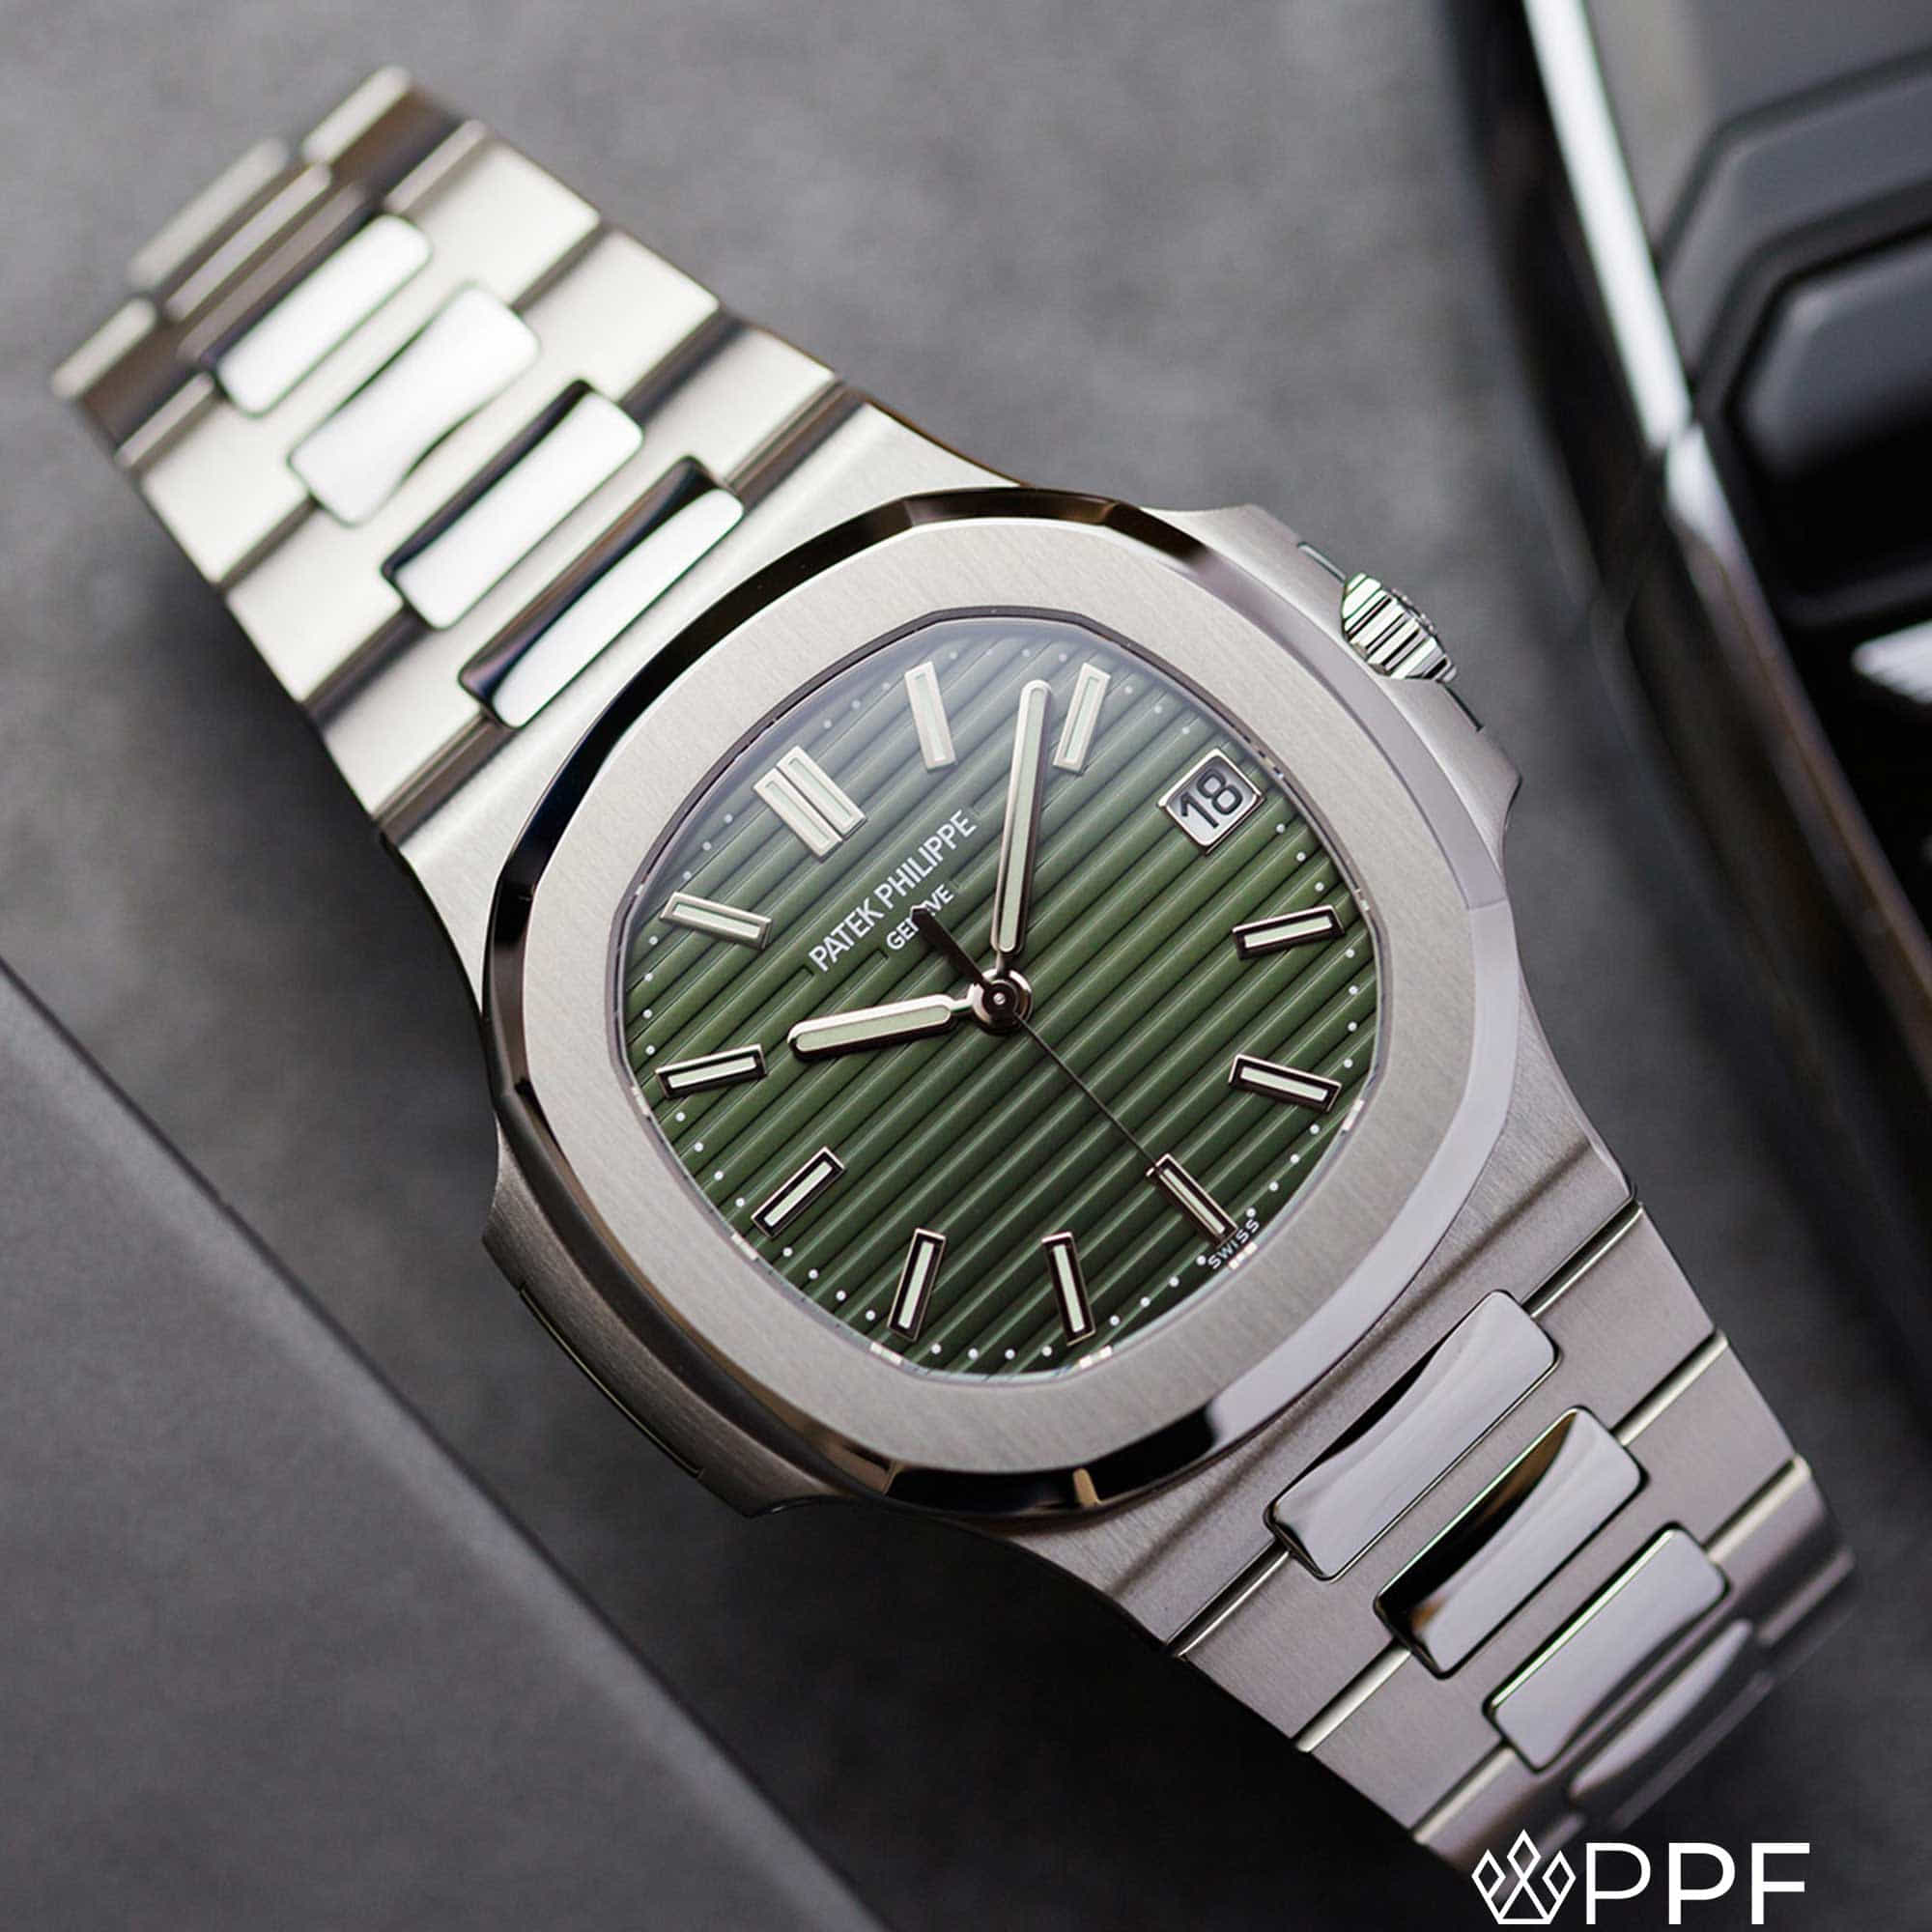 PPF Watches